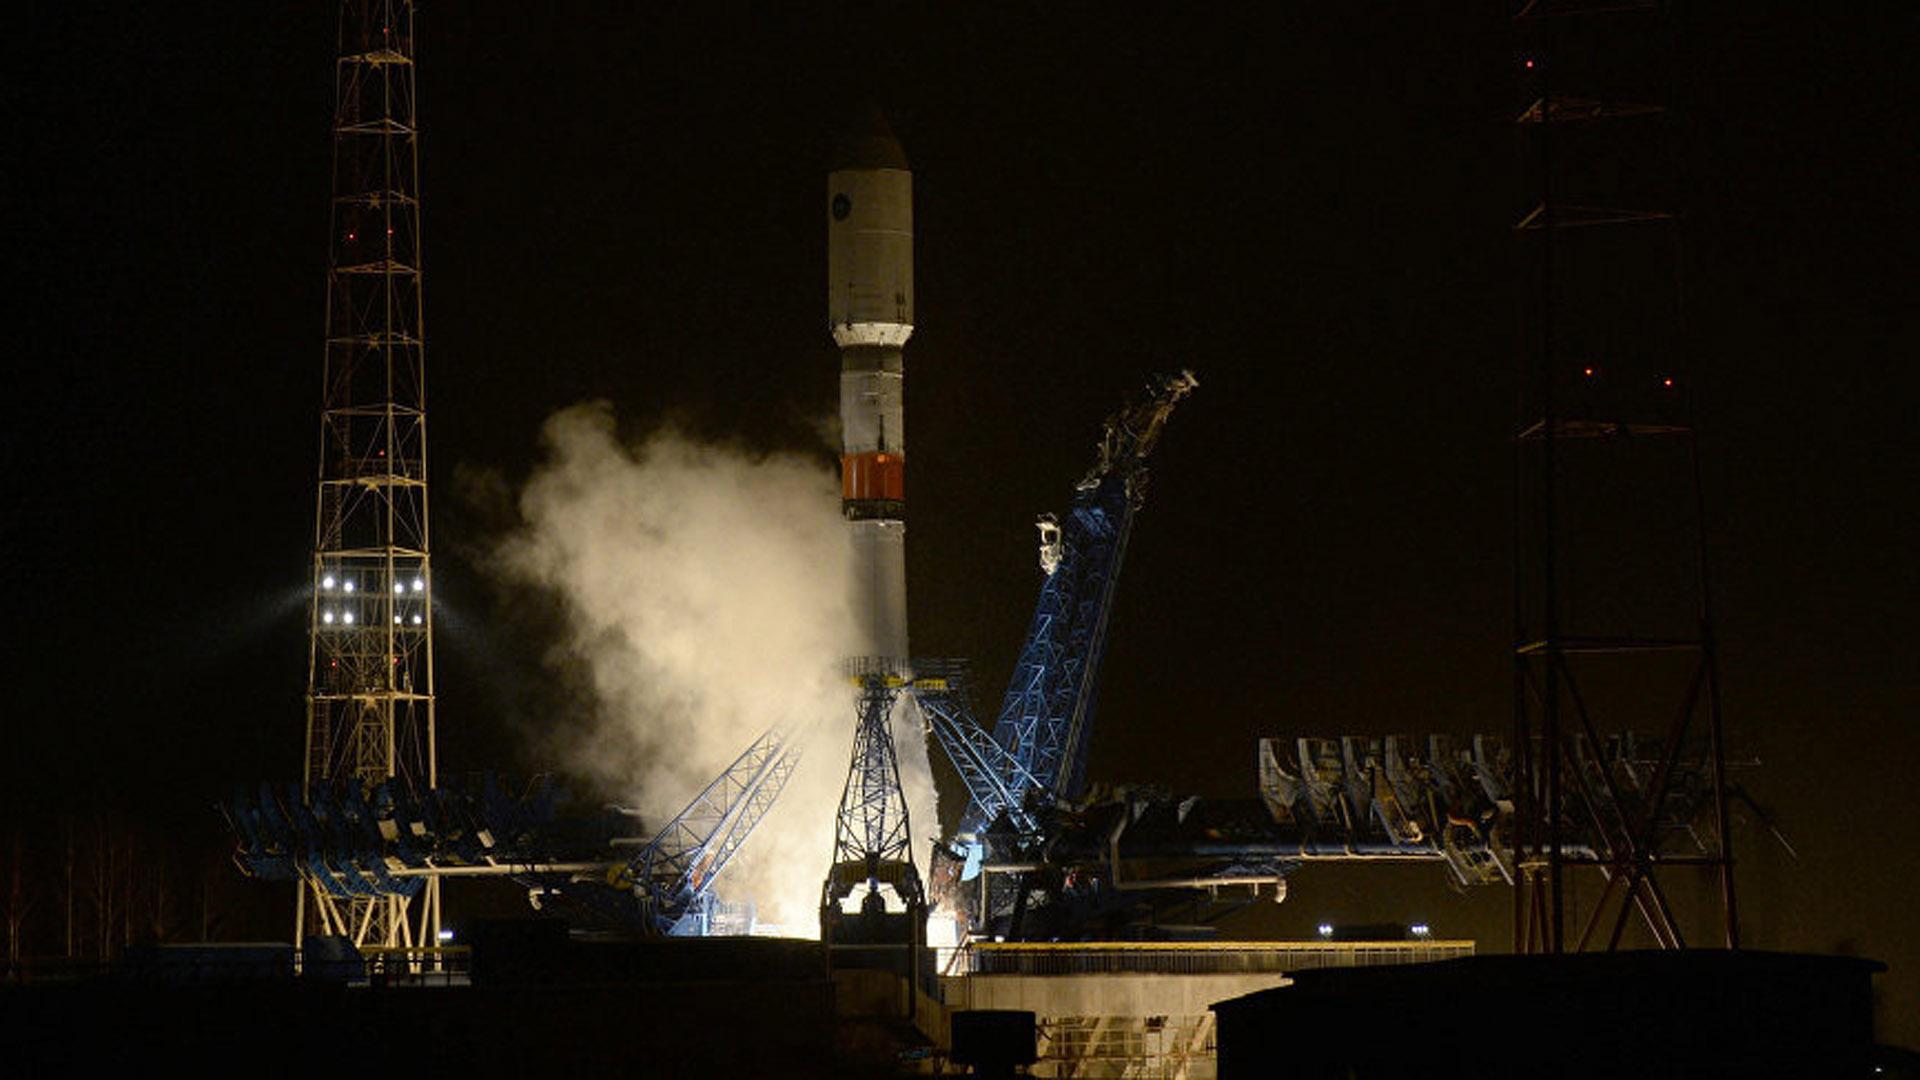 Después de 8 horas, los astronautas arribarán a la Estación Espacial Internacional